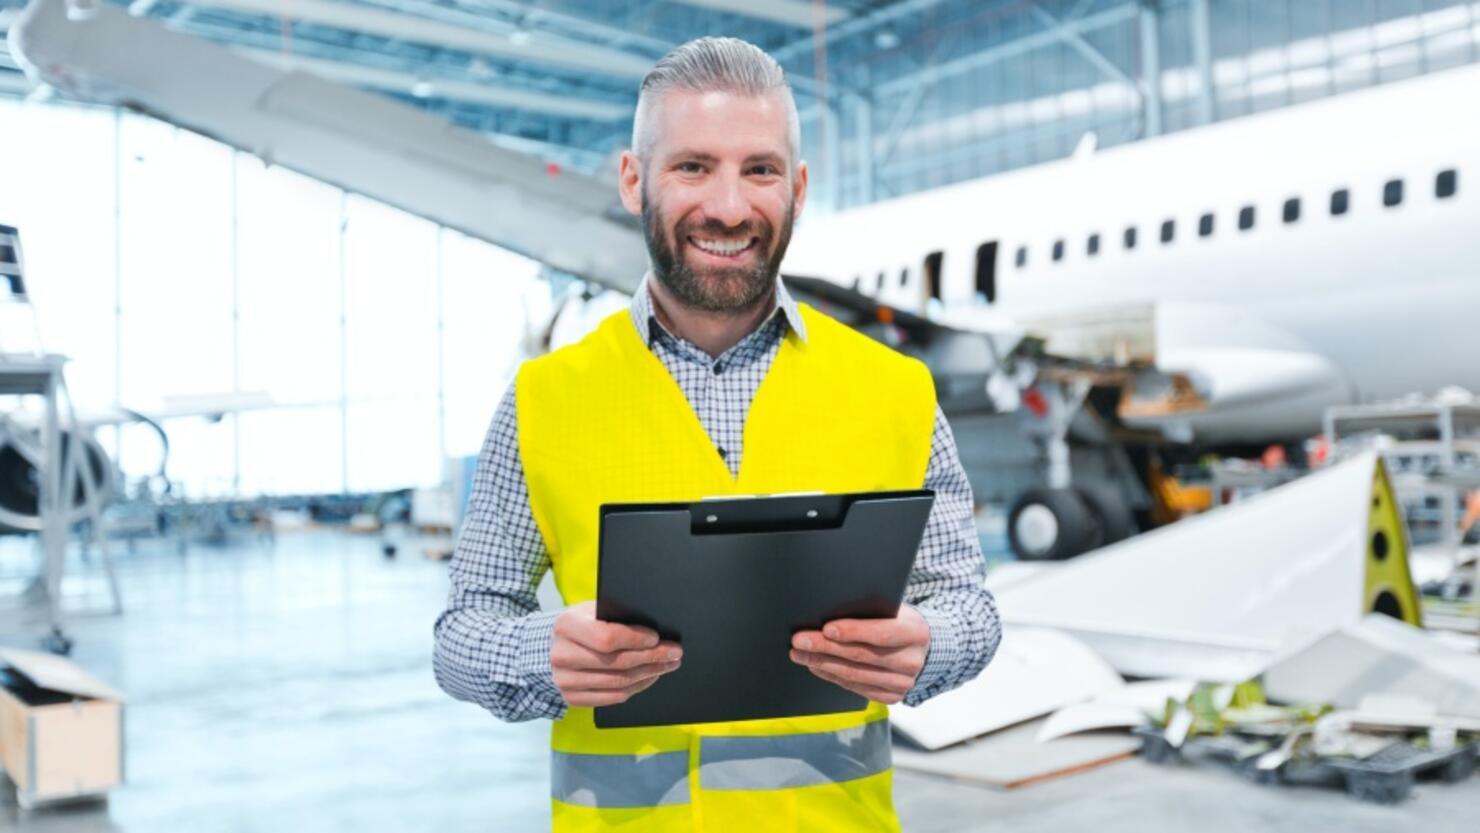 Aircraft inspector in a hangar